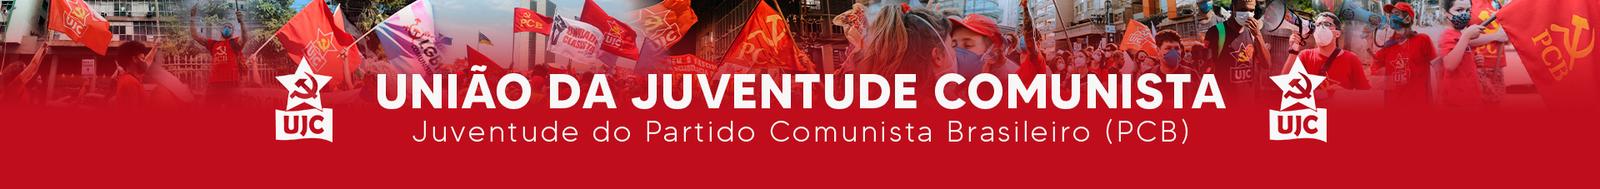 União da Juventude Comunista